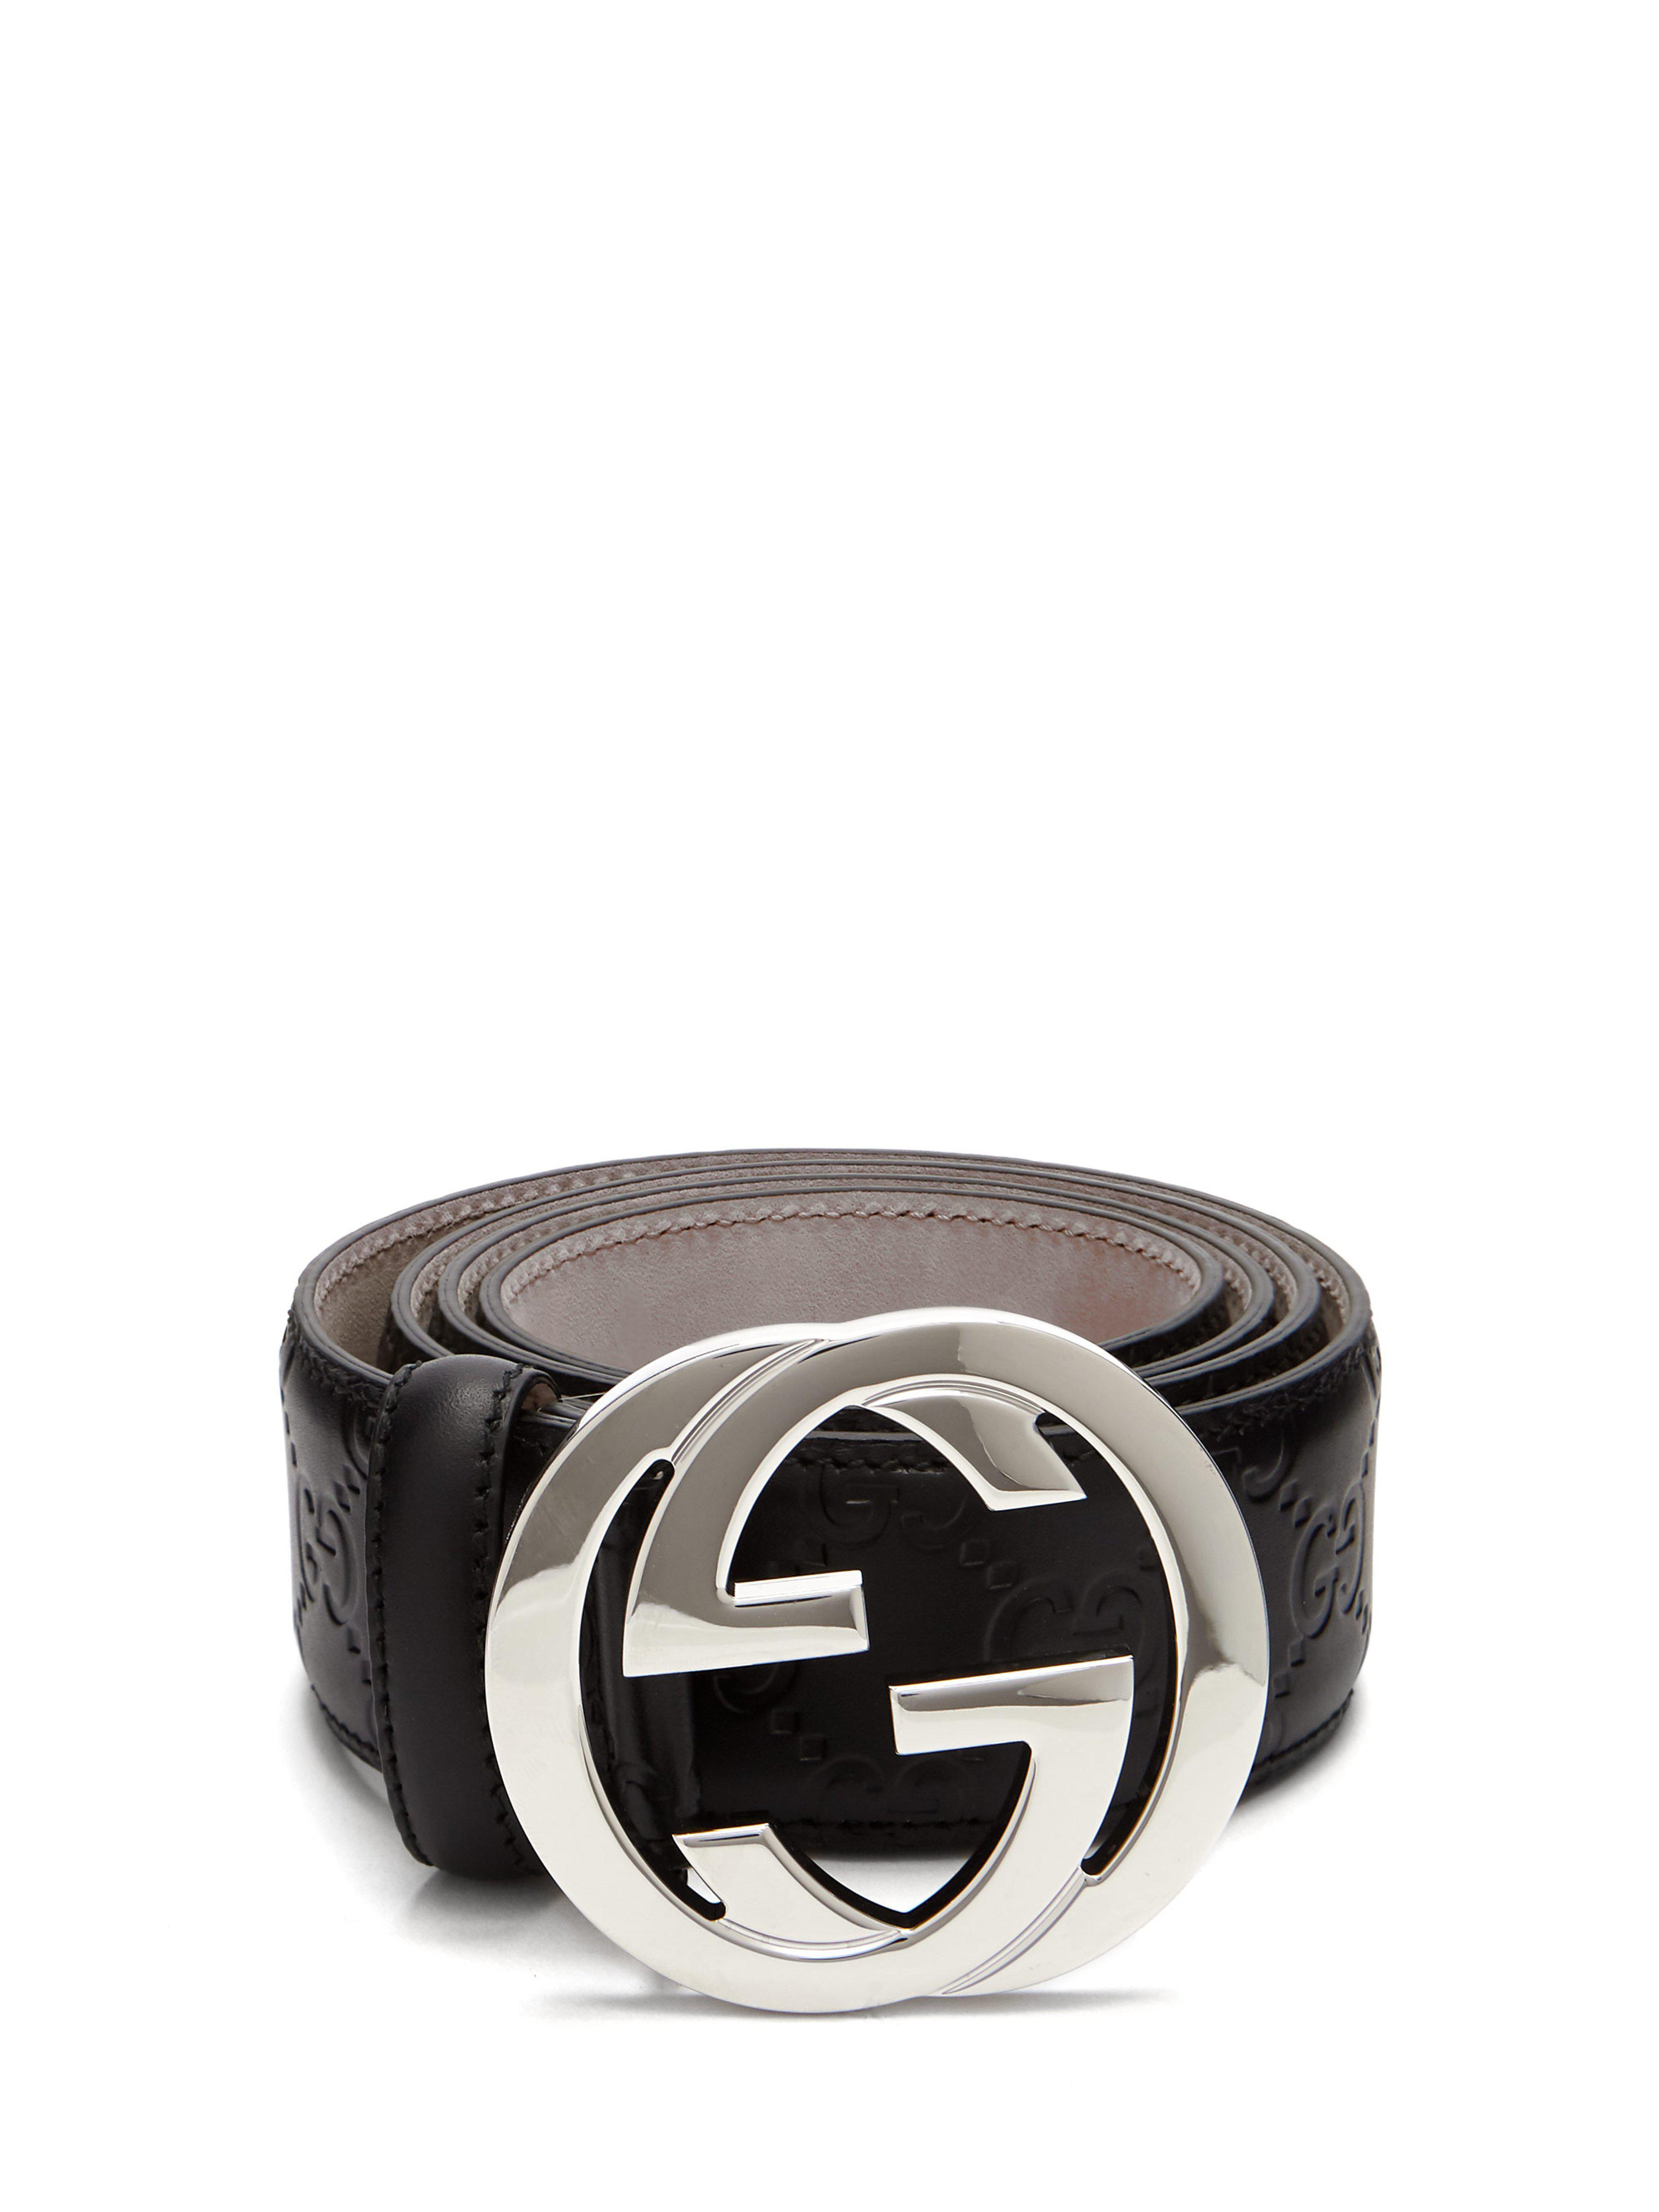 8129de7d723 Lyst - Ceinture en cuir à logo GG Signature Gucci pour homme en ...